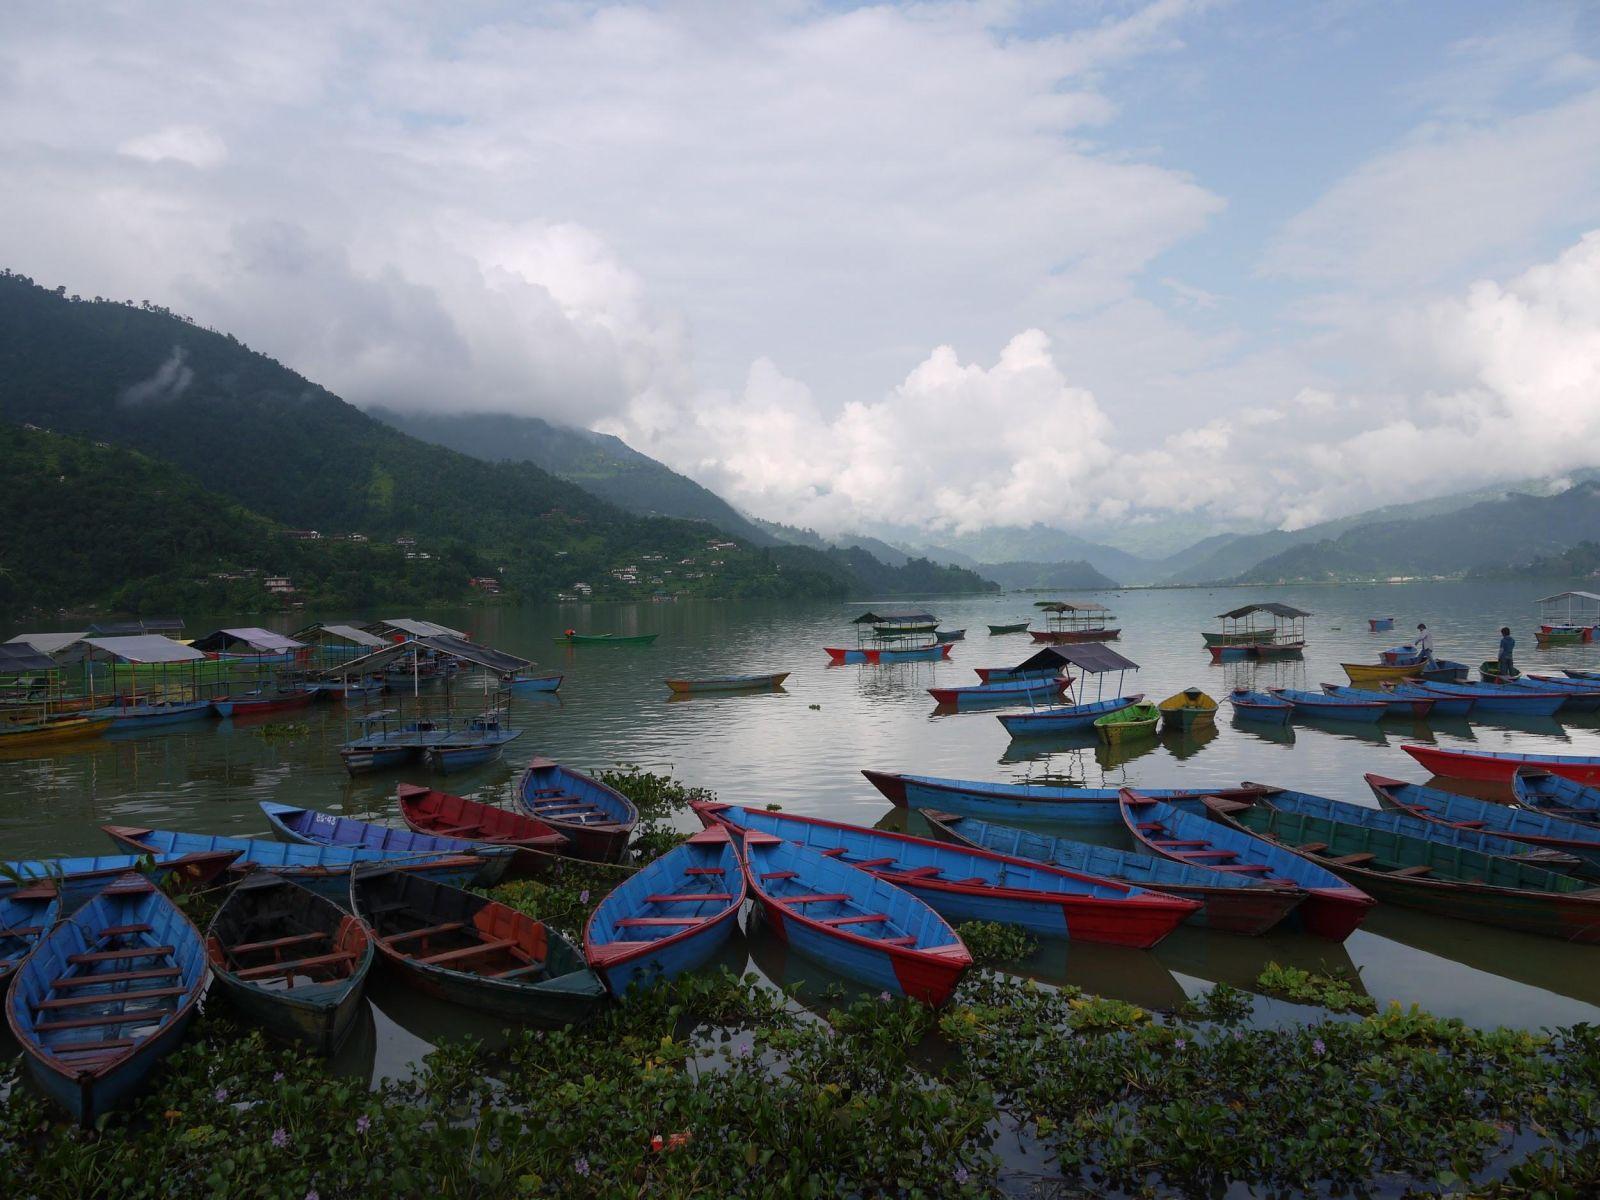 尼泊爾第二大湖-費娃湖